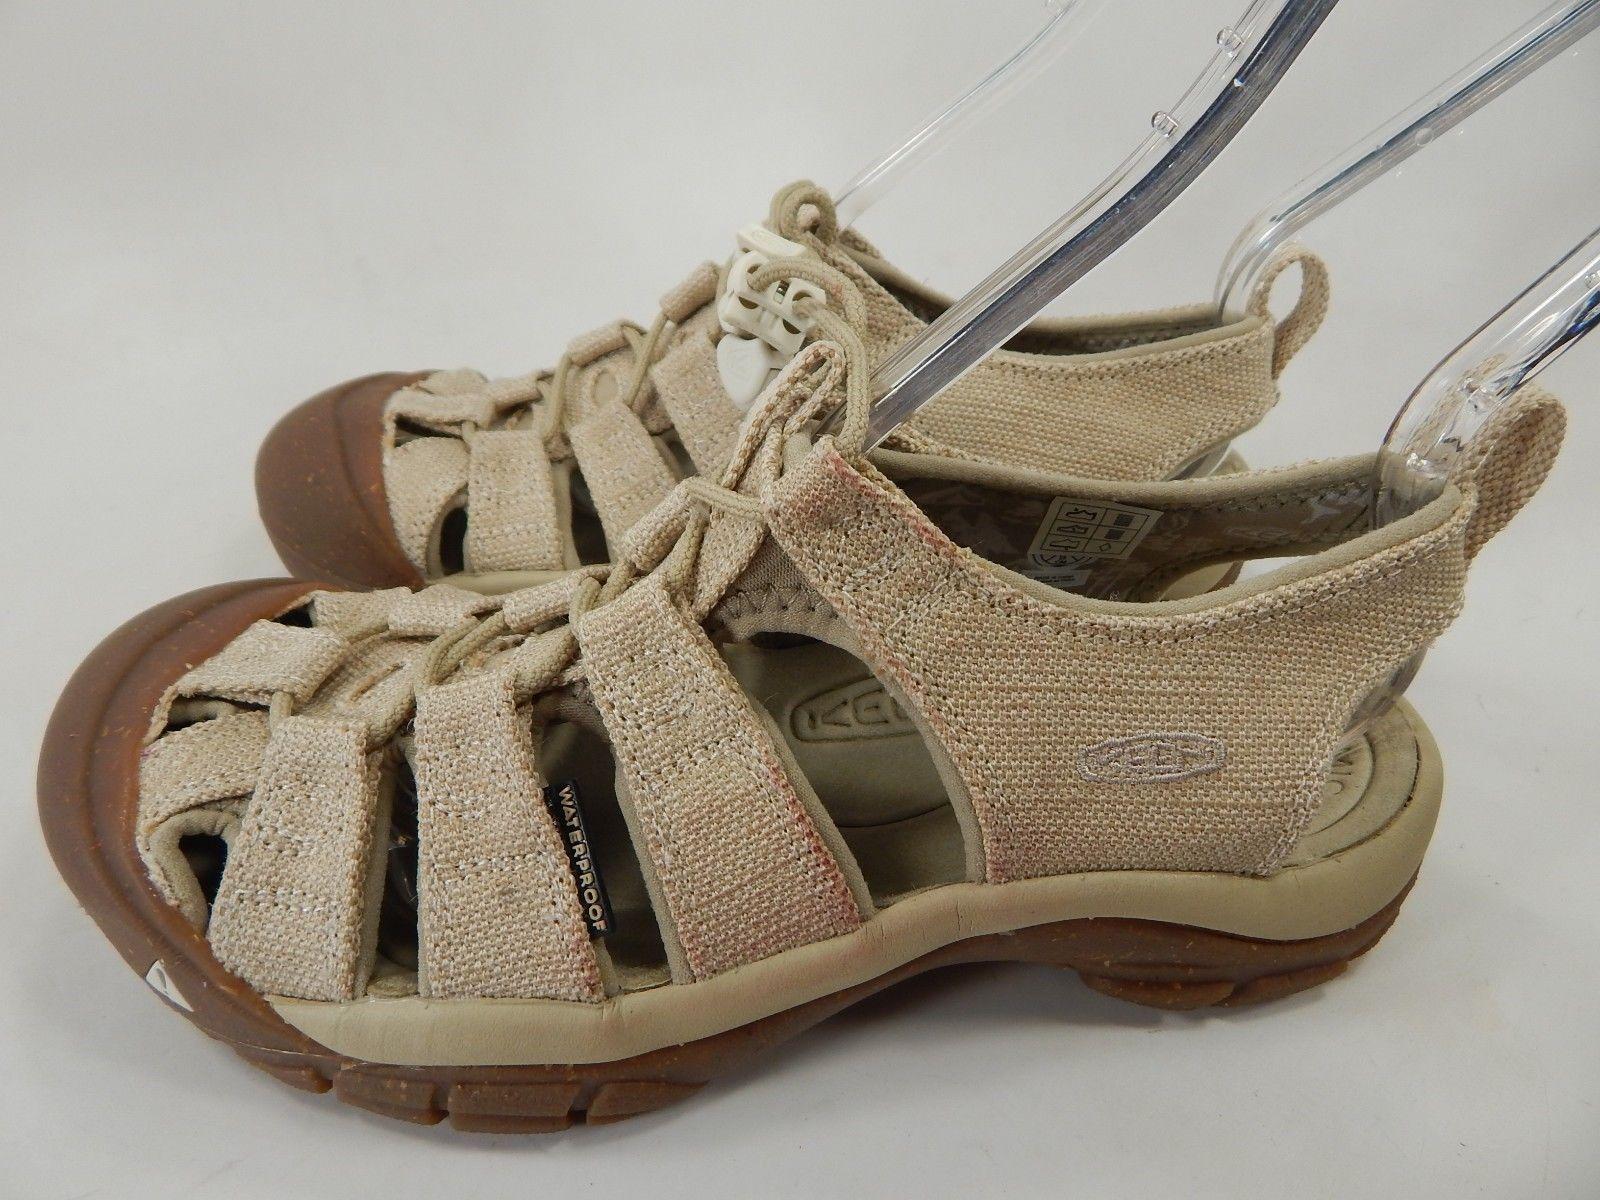 a85015745c4 Keen Newport Retro Size US 7 M EU 37.5 Women s Sports Sandals Hemp   White  Cap